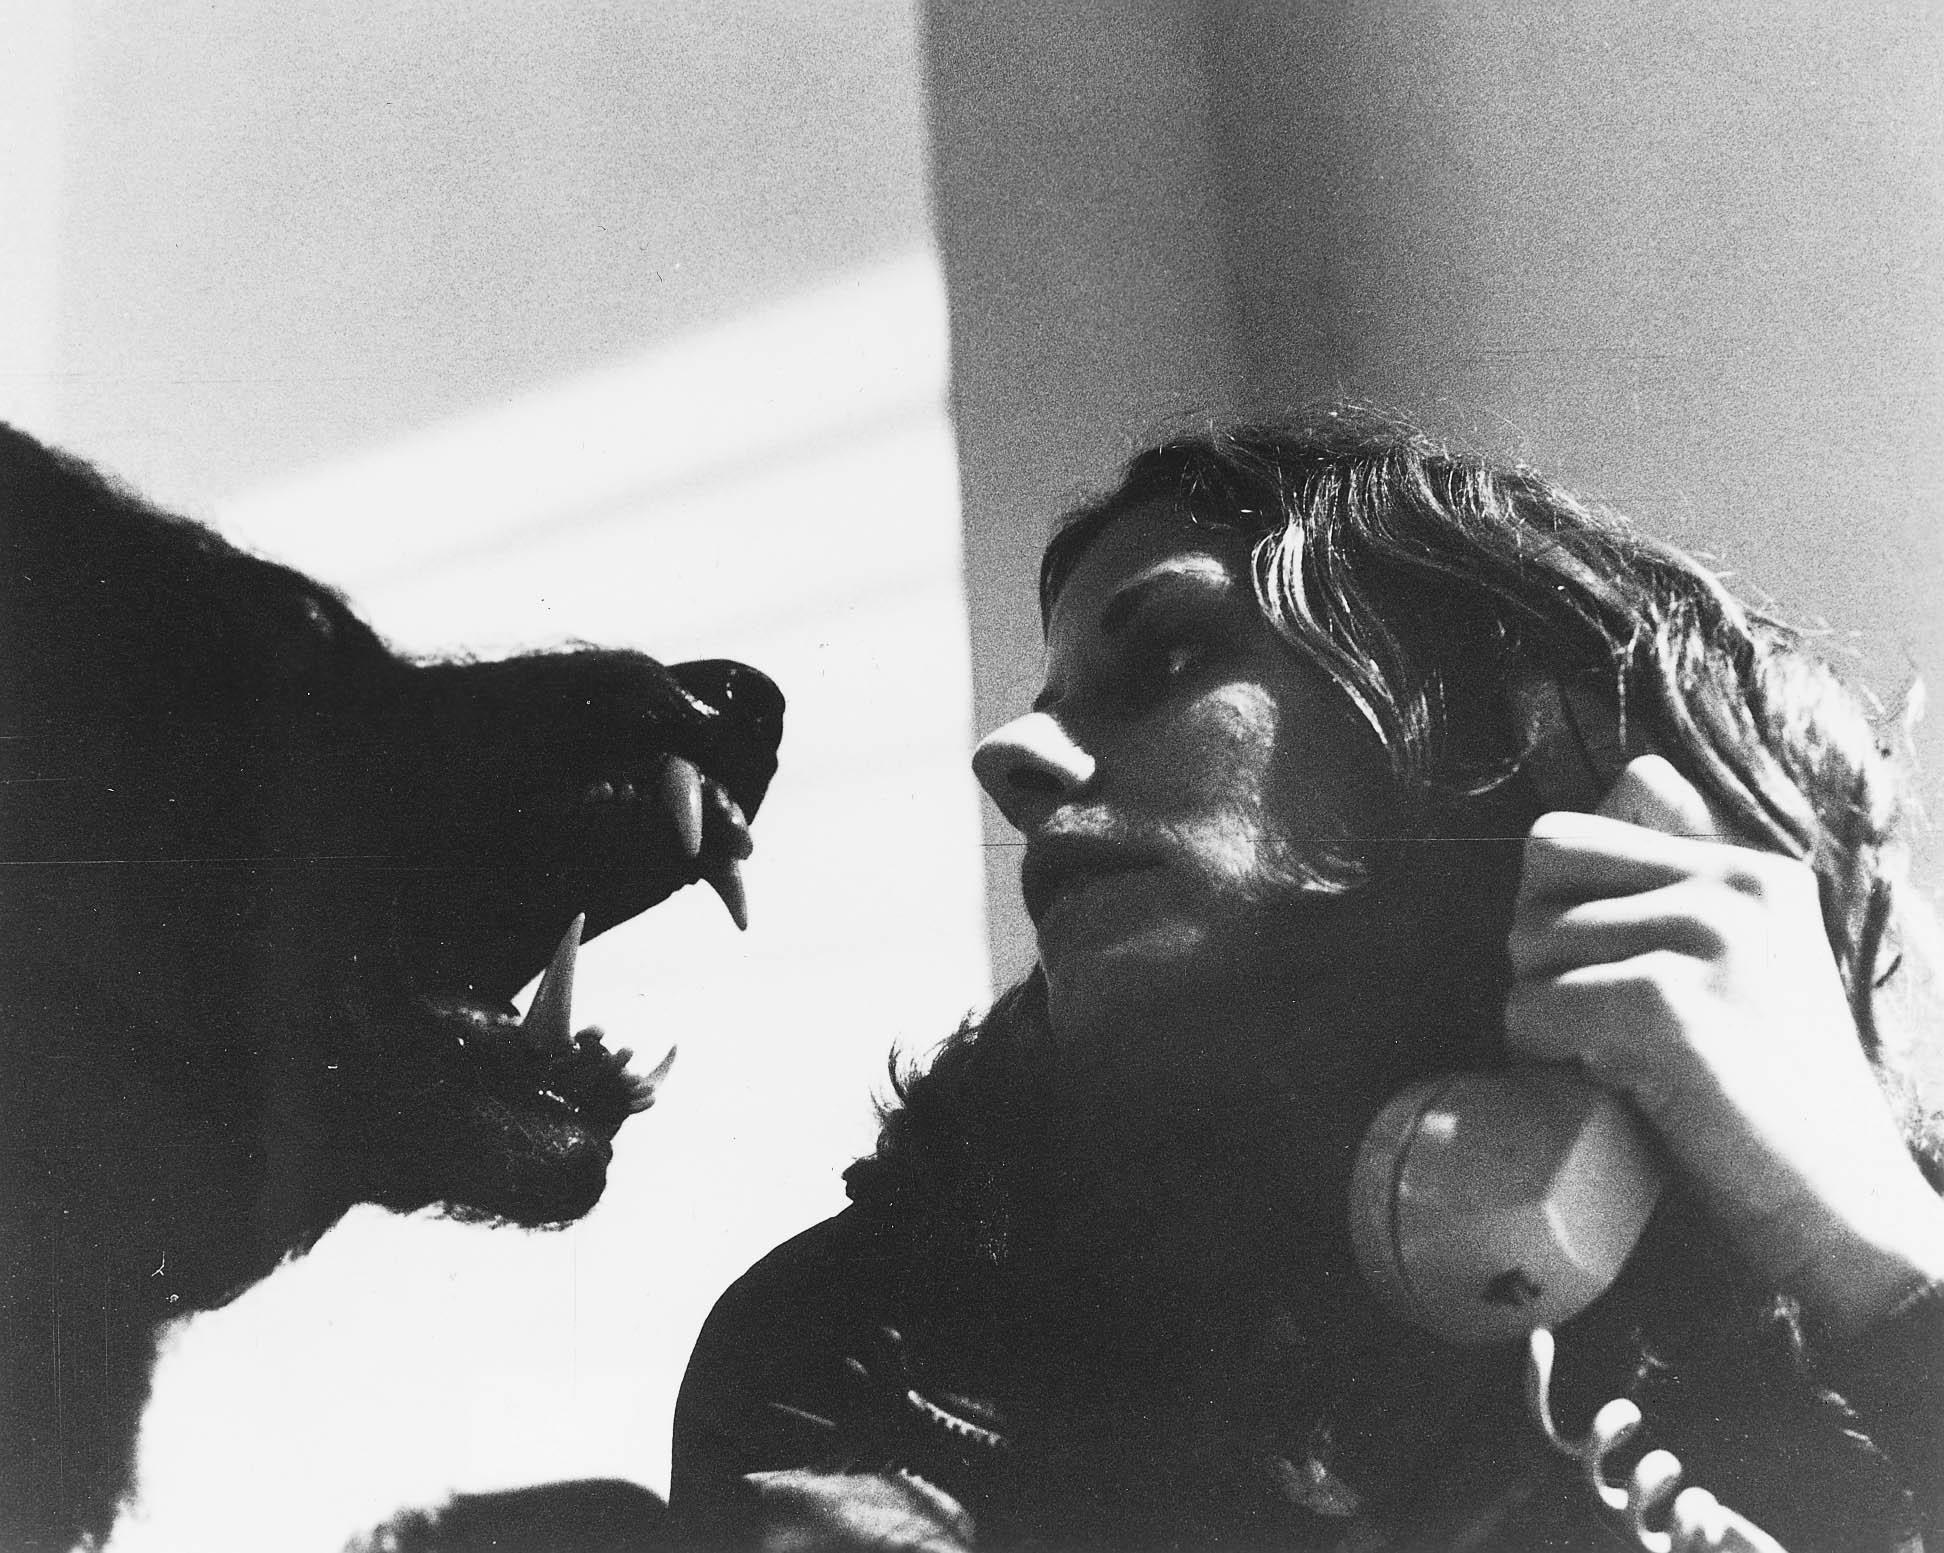 Hurlements, réalisé par Joe Dante, 1981